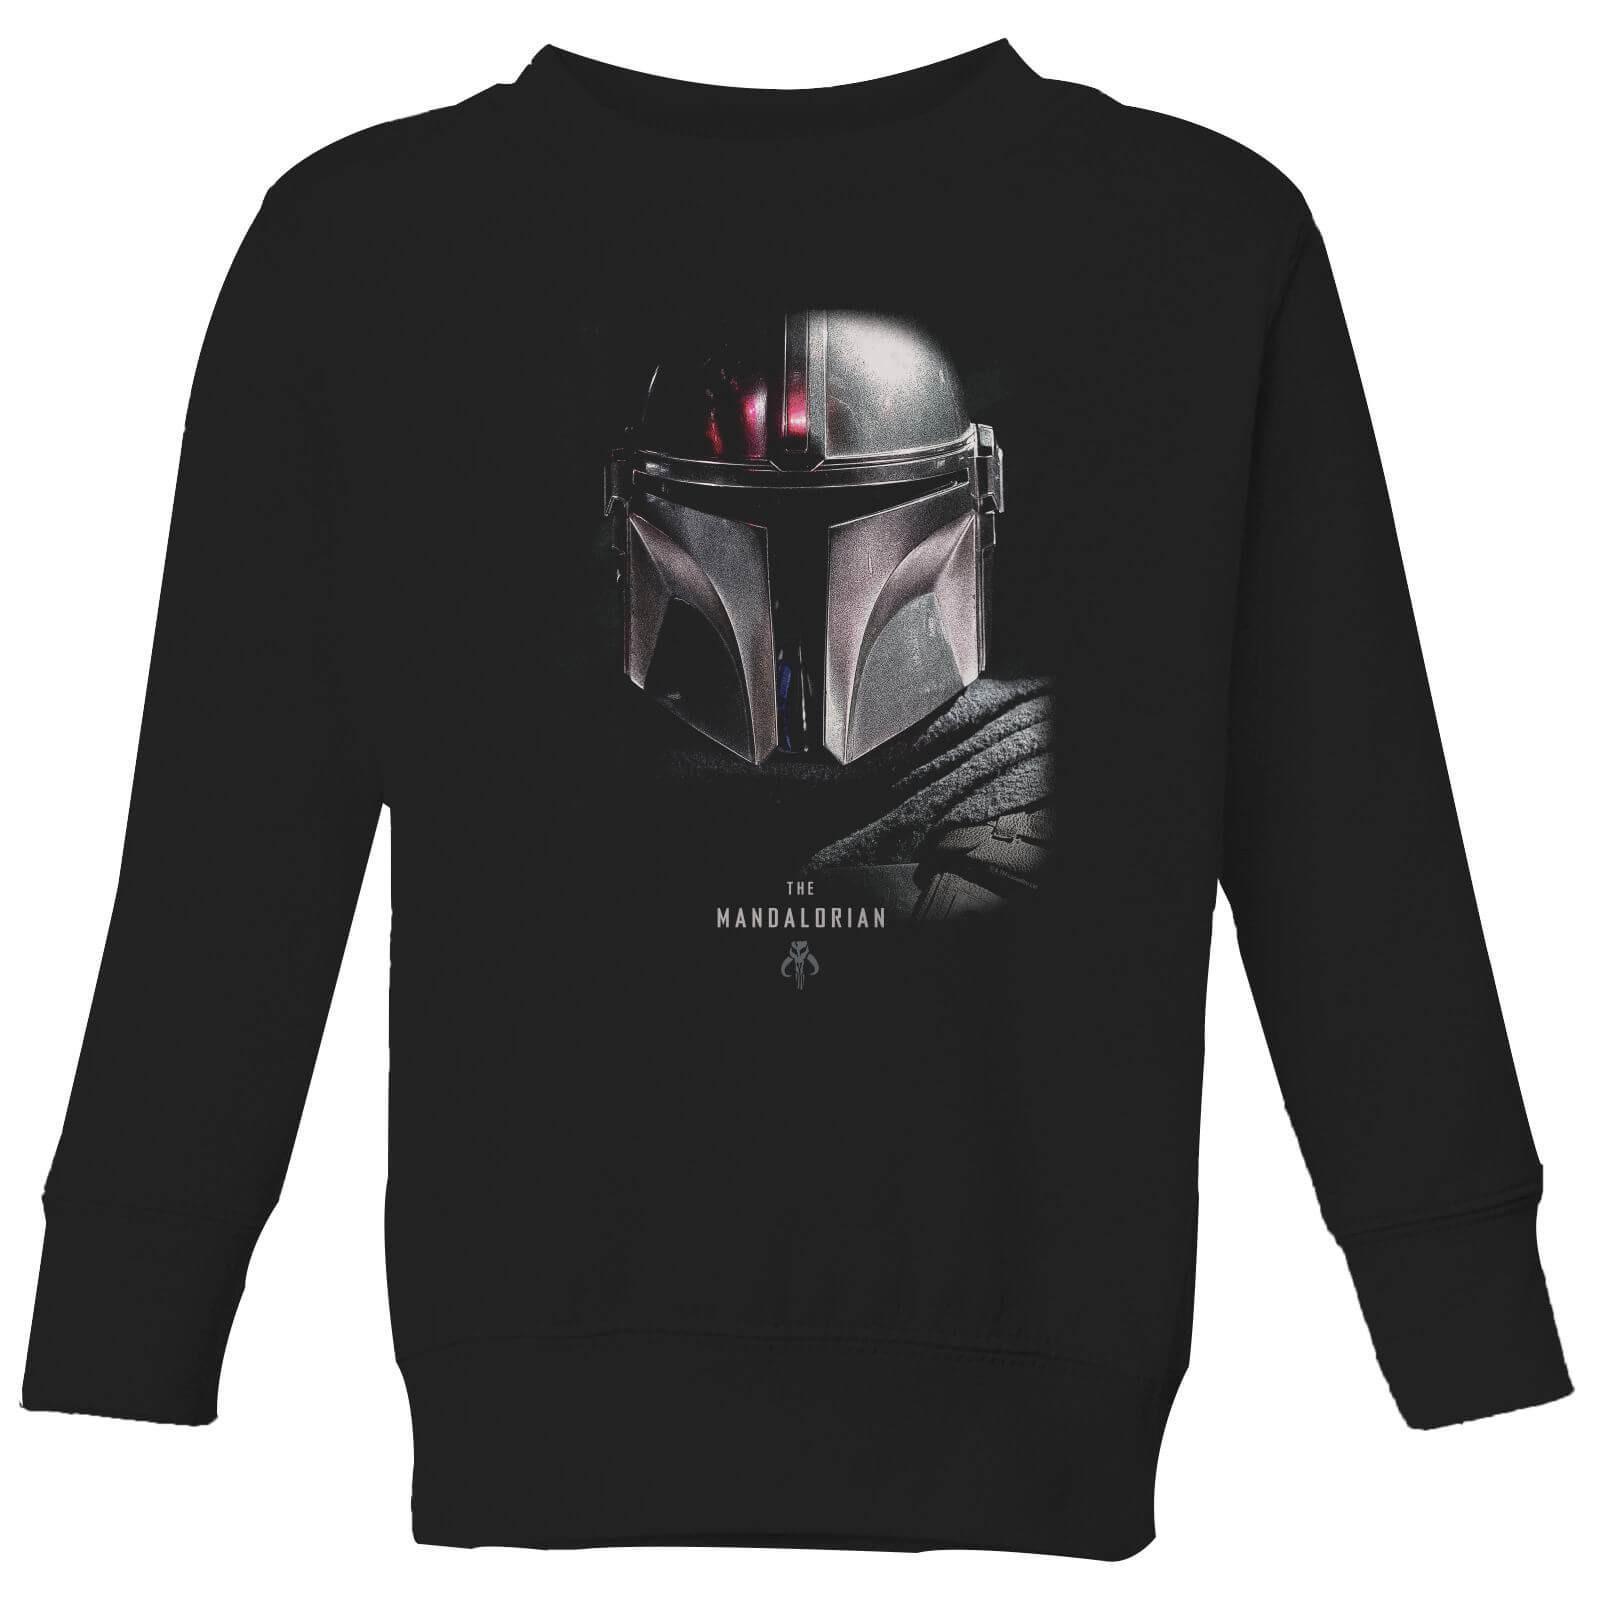 2 Sweatshirts verschiedener Franchises (Disney, Nintendo, Star Wars, uvm.) für Kinder, Damen und Herren